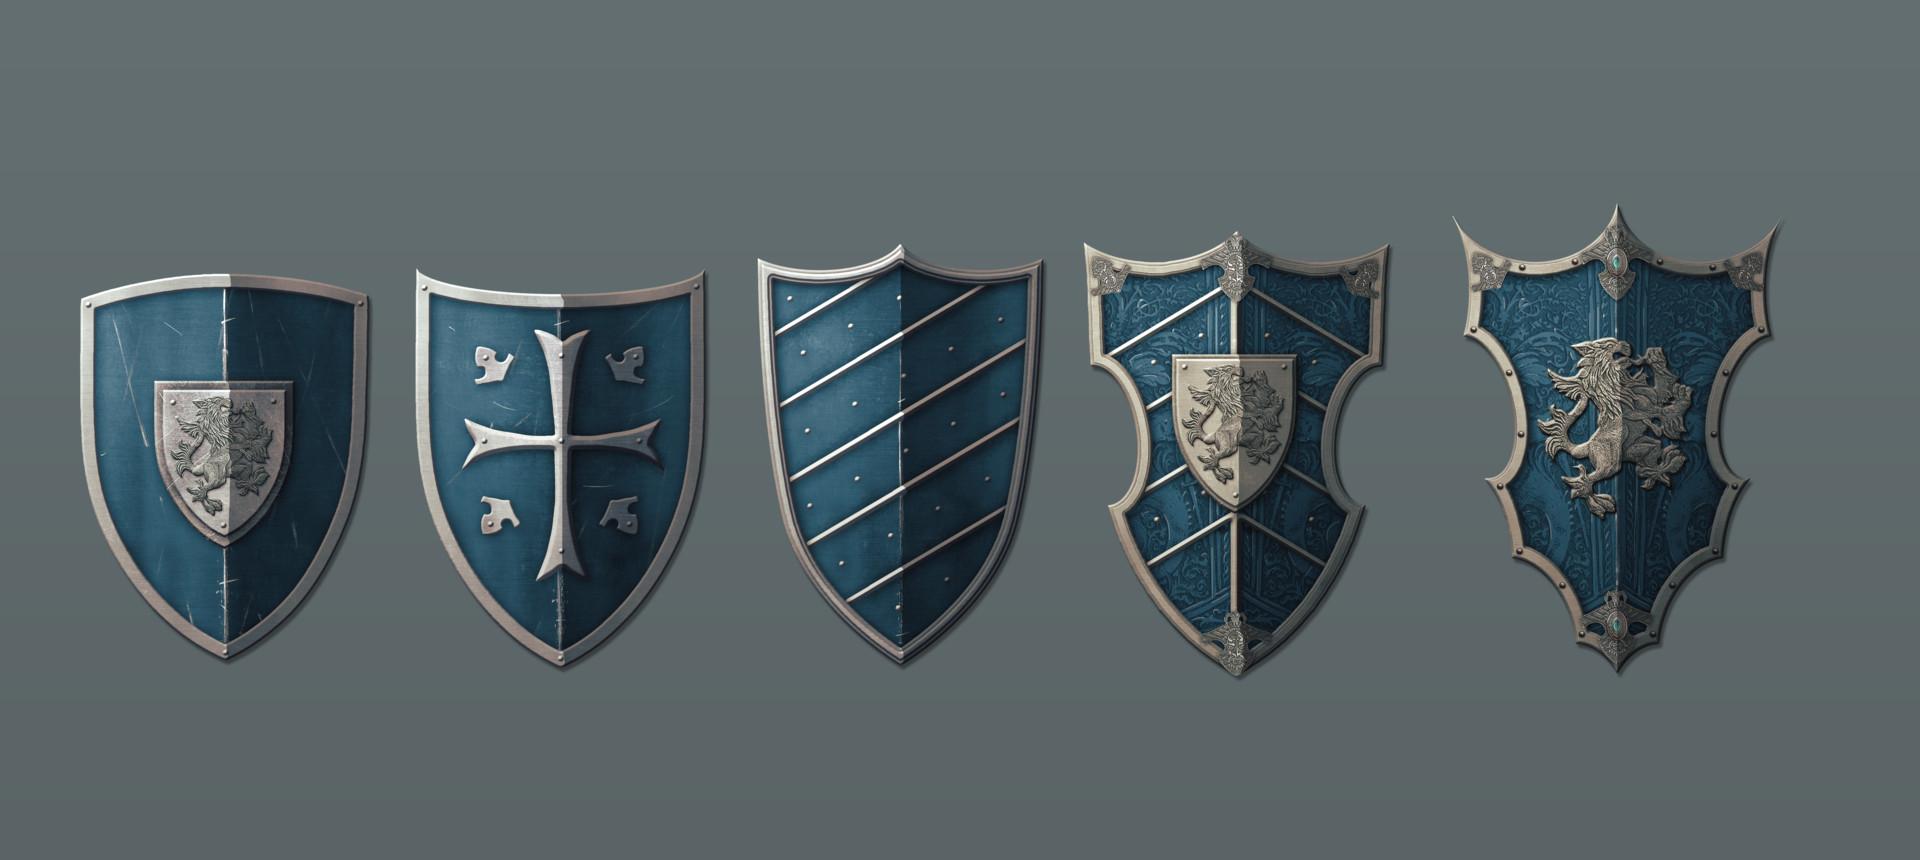 George k shields